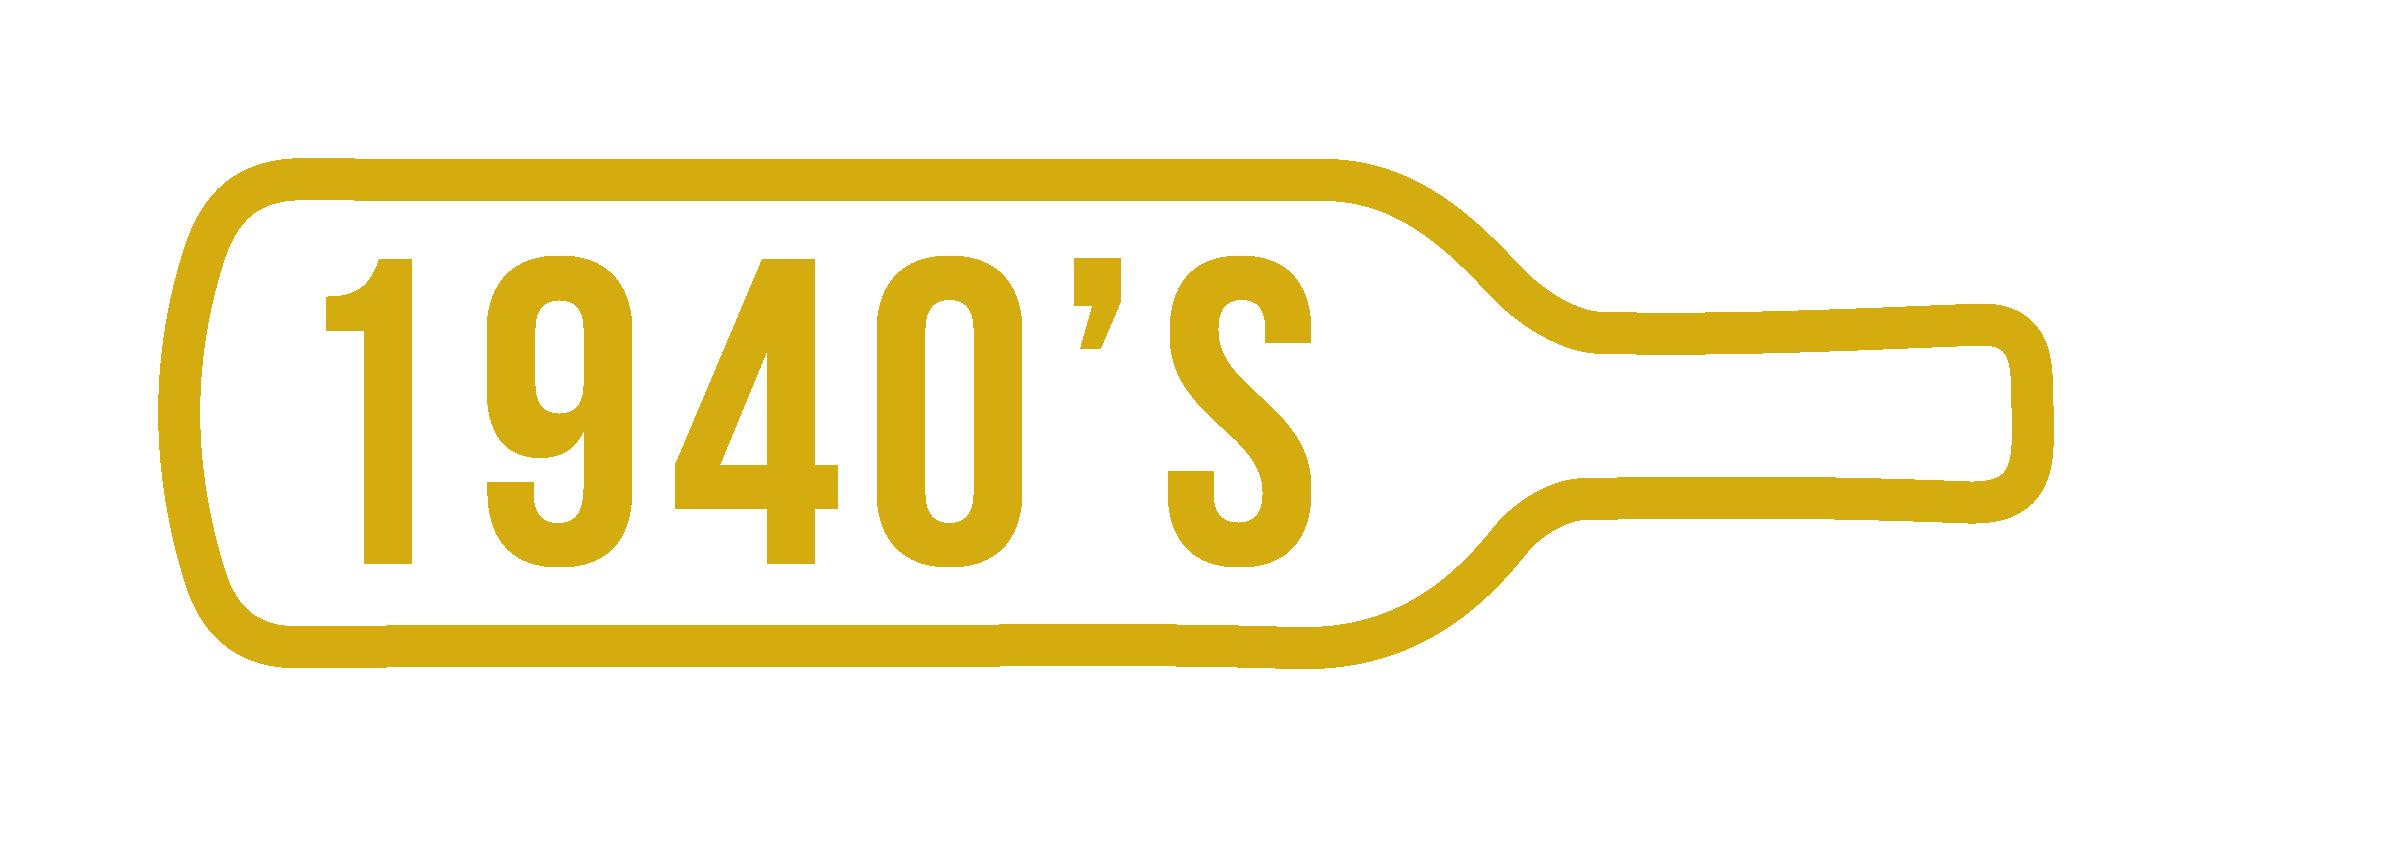 Créez vous-même votre coffret vin anniversaire millésime 1940 à 1949